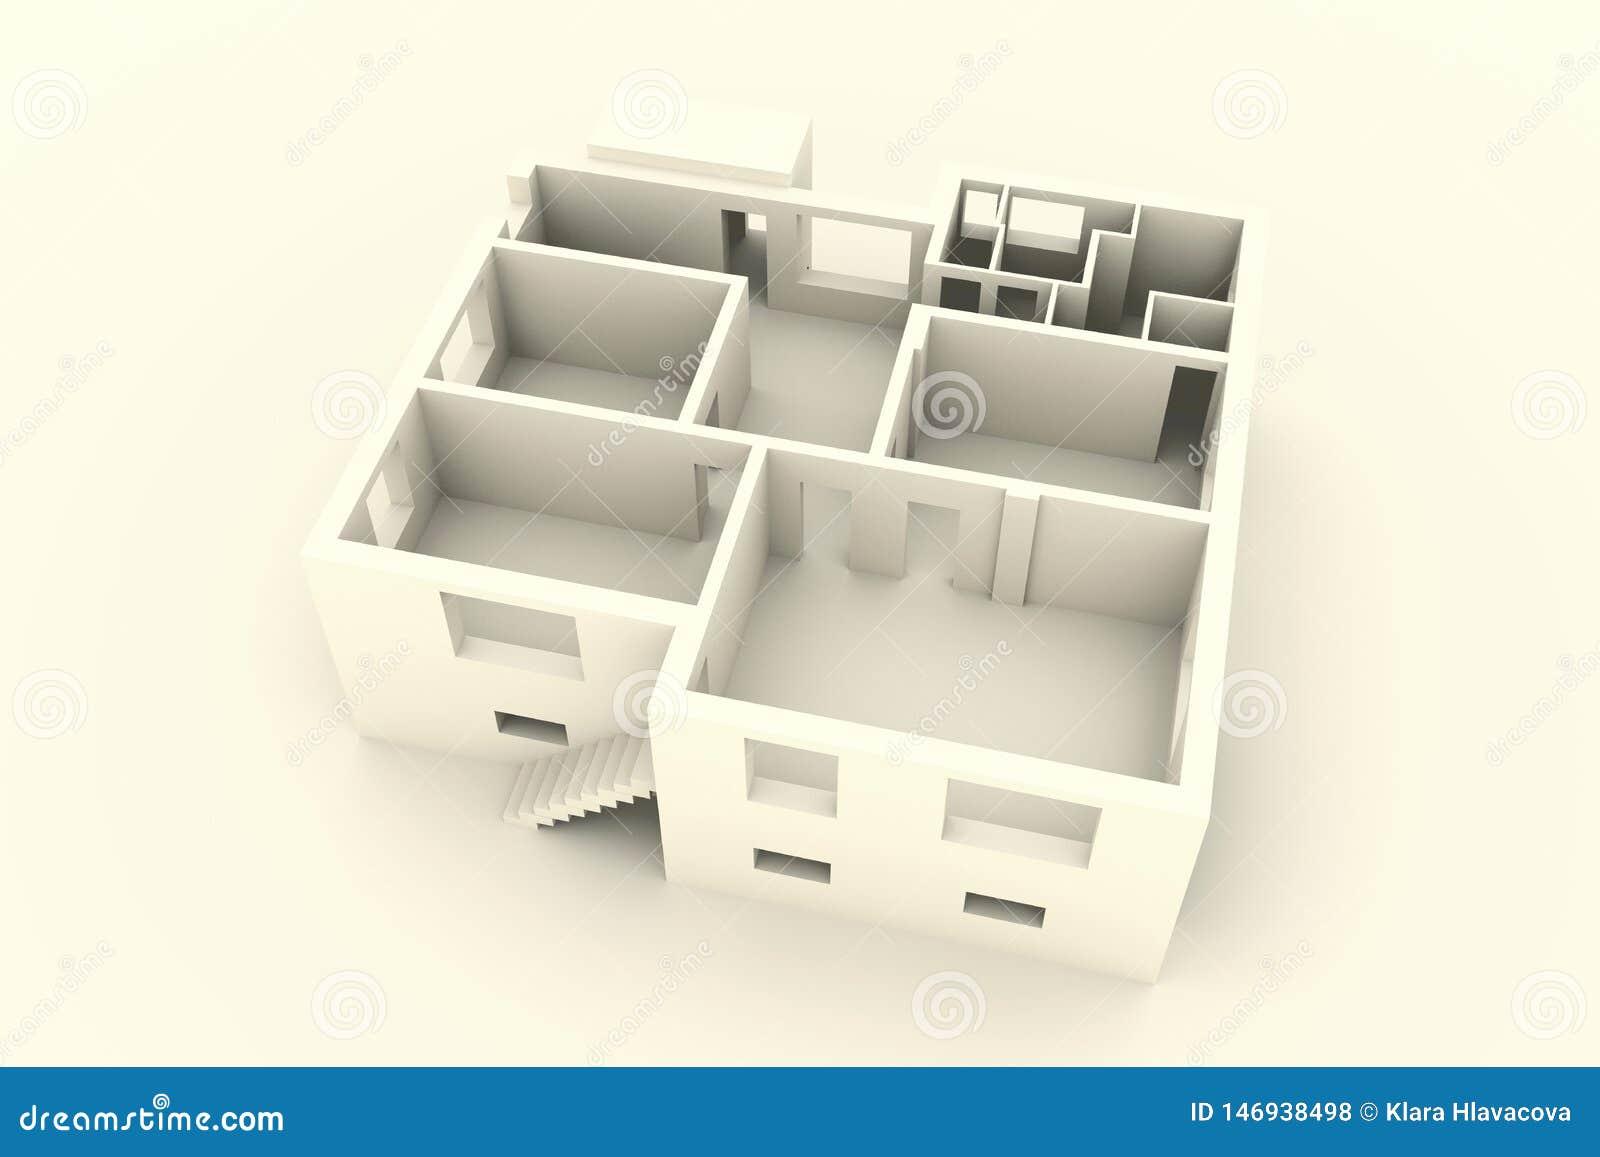 Nueva casa en el fondo blanco - opinión de top - interior